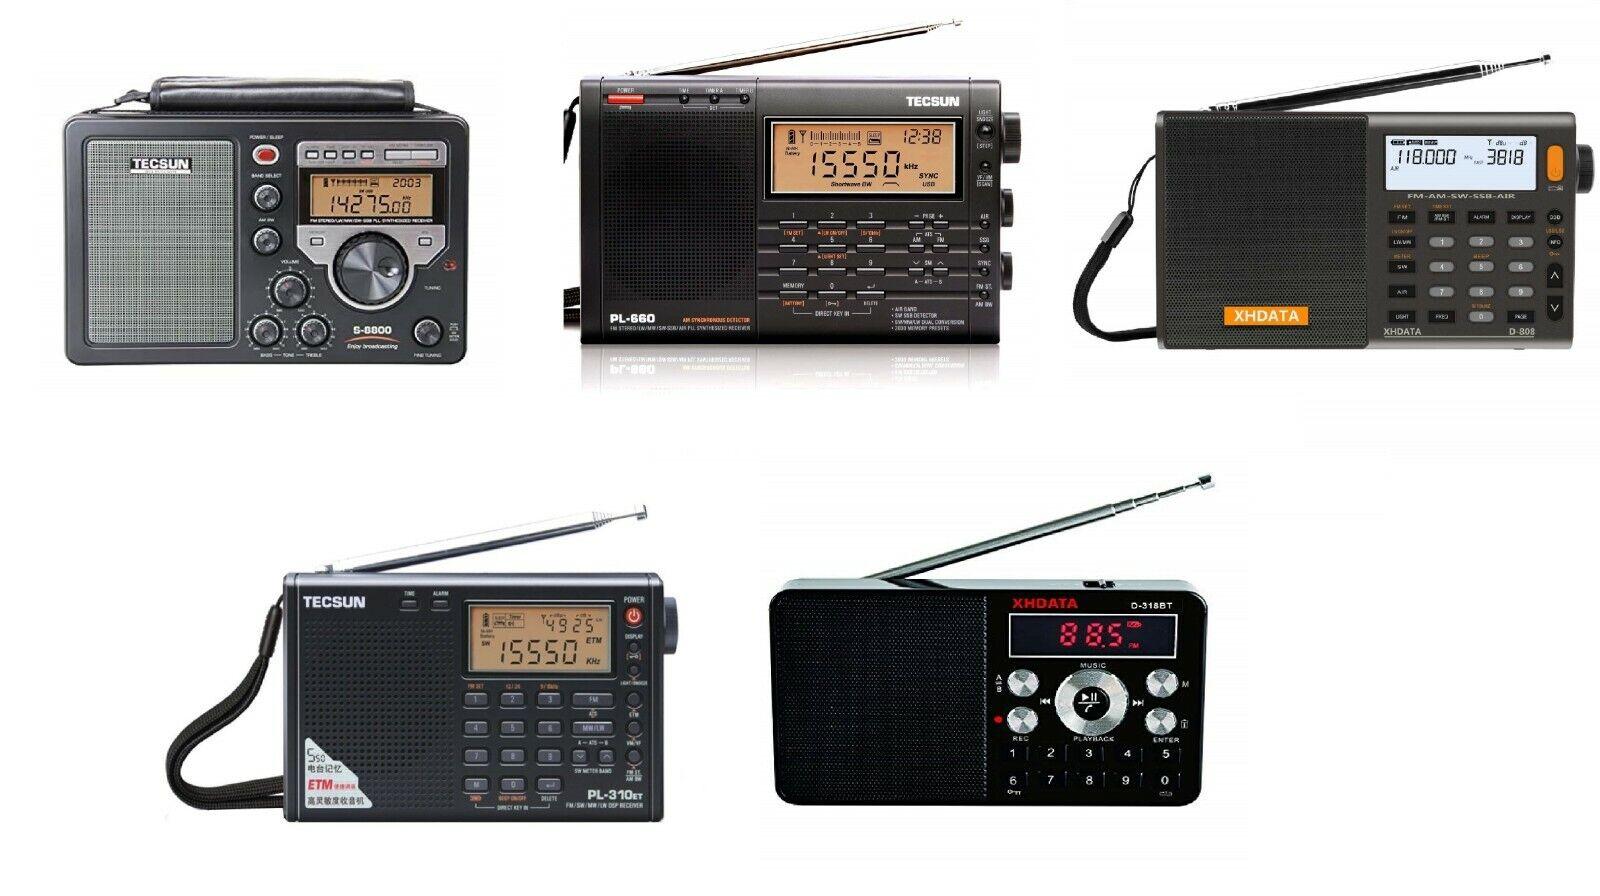 TECSUN SHORTWAVE RADIO S-8800,PL-660,PL-310ET,D-808 XHDATA D